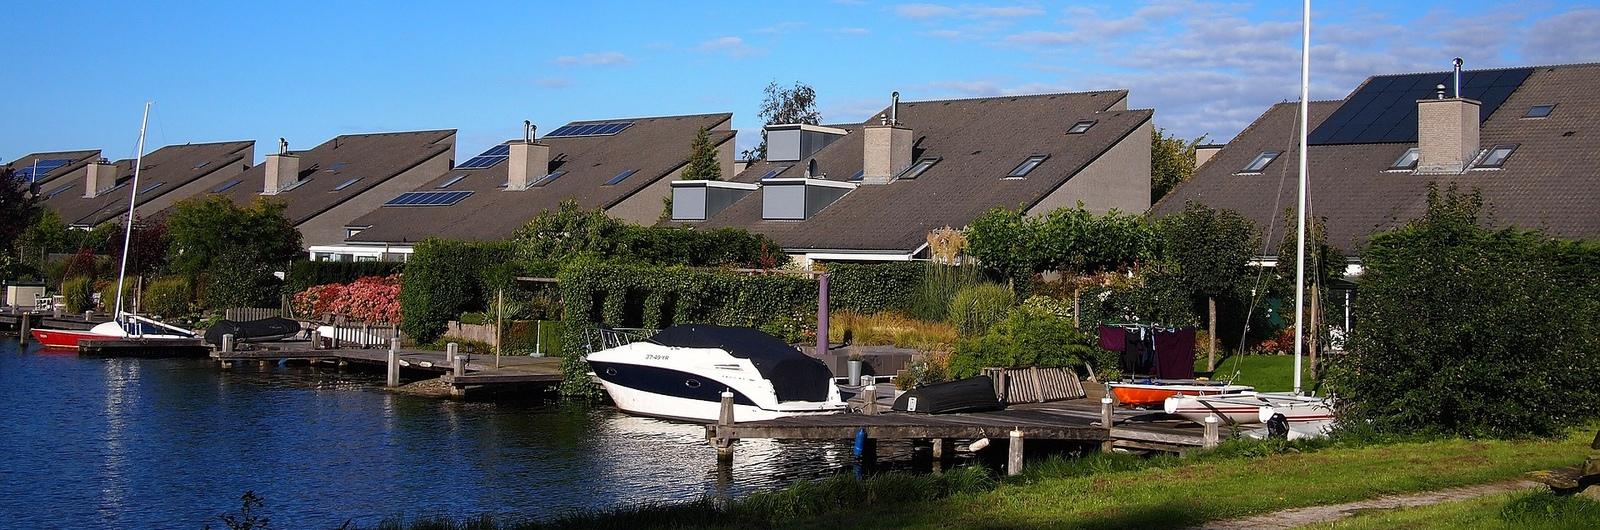 almere city header